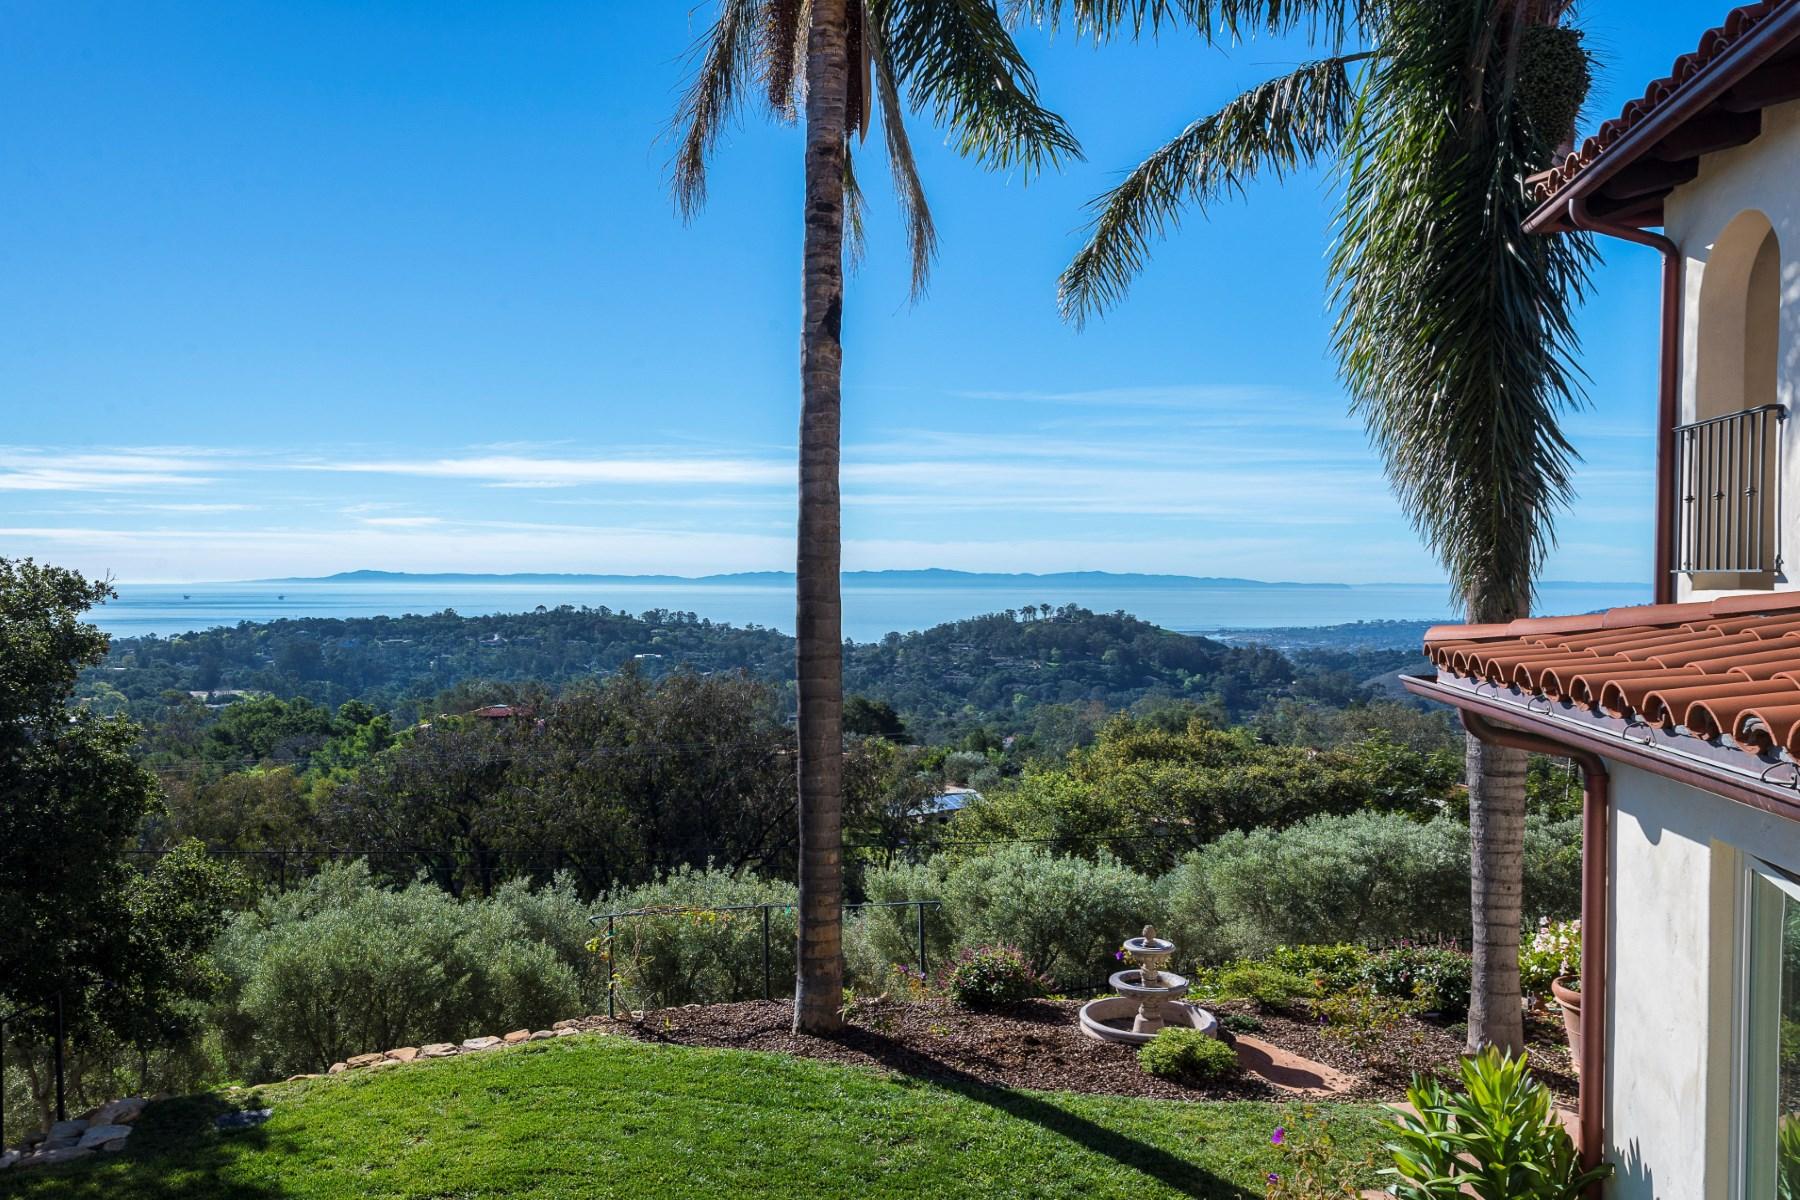 一戸建て のために 売買 アット Montecito Ocean View Paradise 298 East Mountain Drive Montecito - Upper Village, Santa Barbara, カリフォルニア 93108 アメリカ合衆国